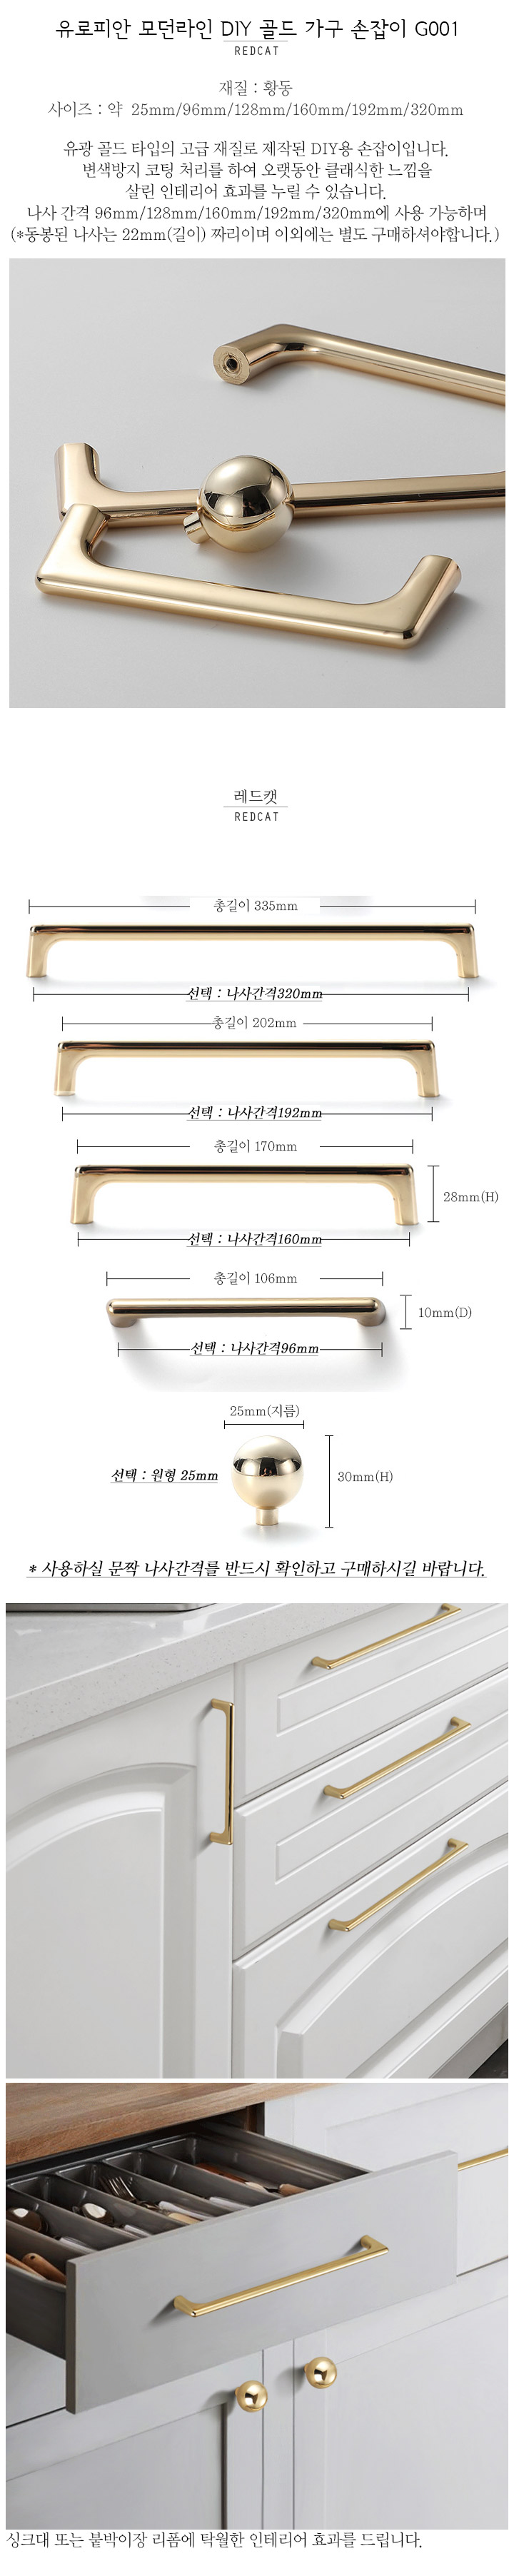 유로피안 모던라인 DIY 골드 가구 손잡이 G001 - 네코리빙, 3,200원, DIY 재료, 부자재